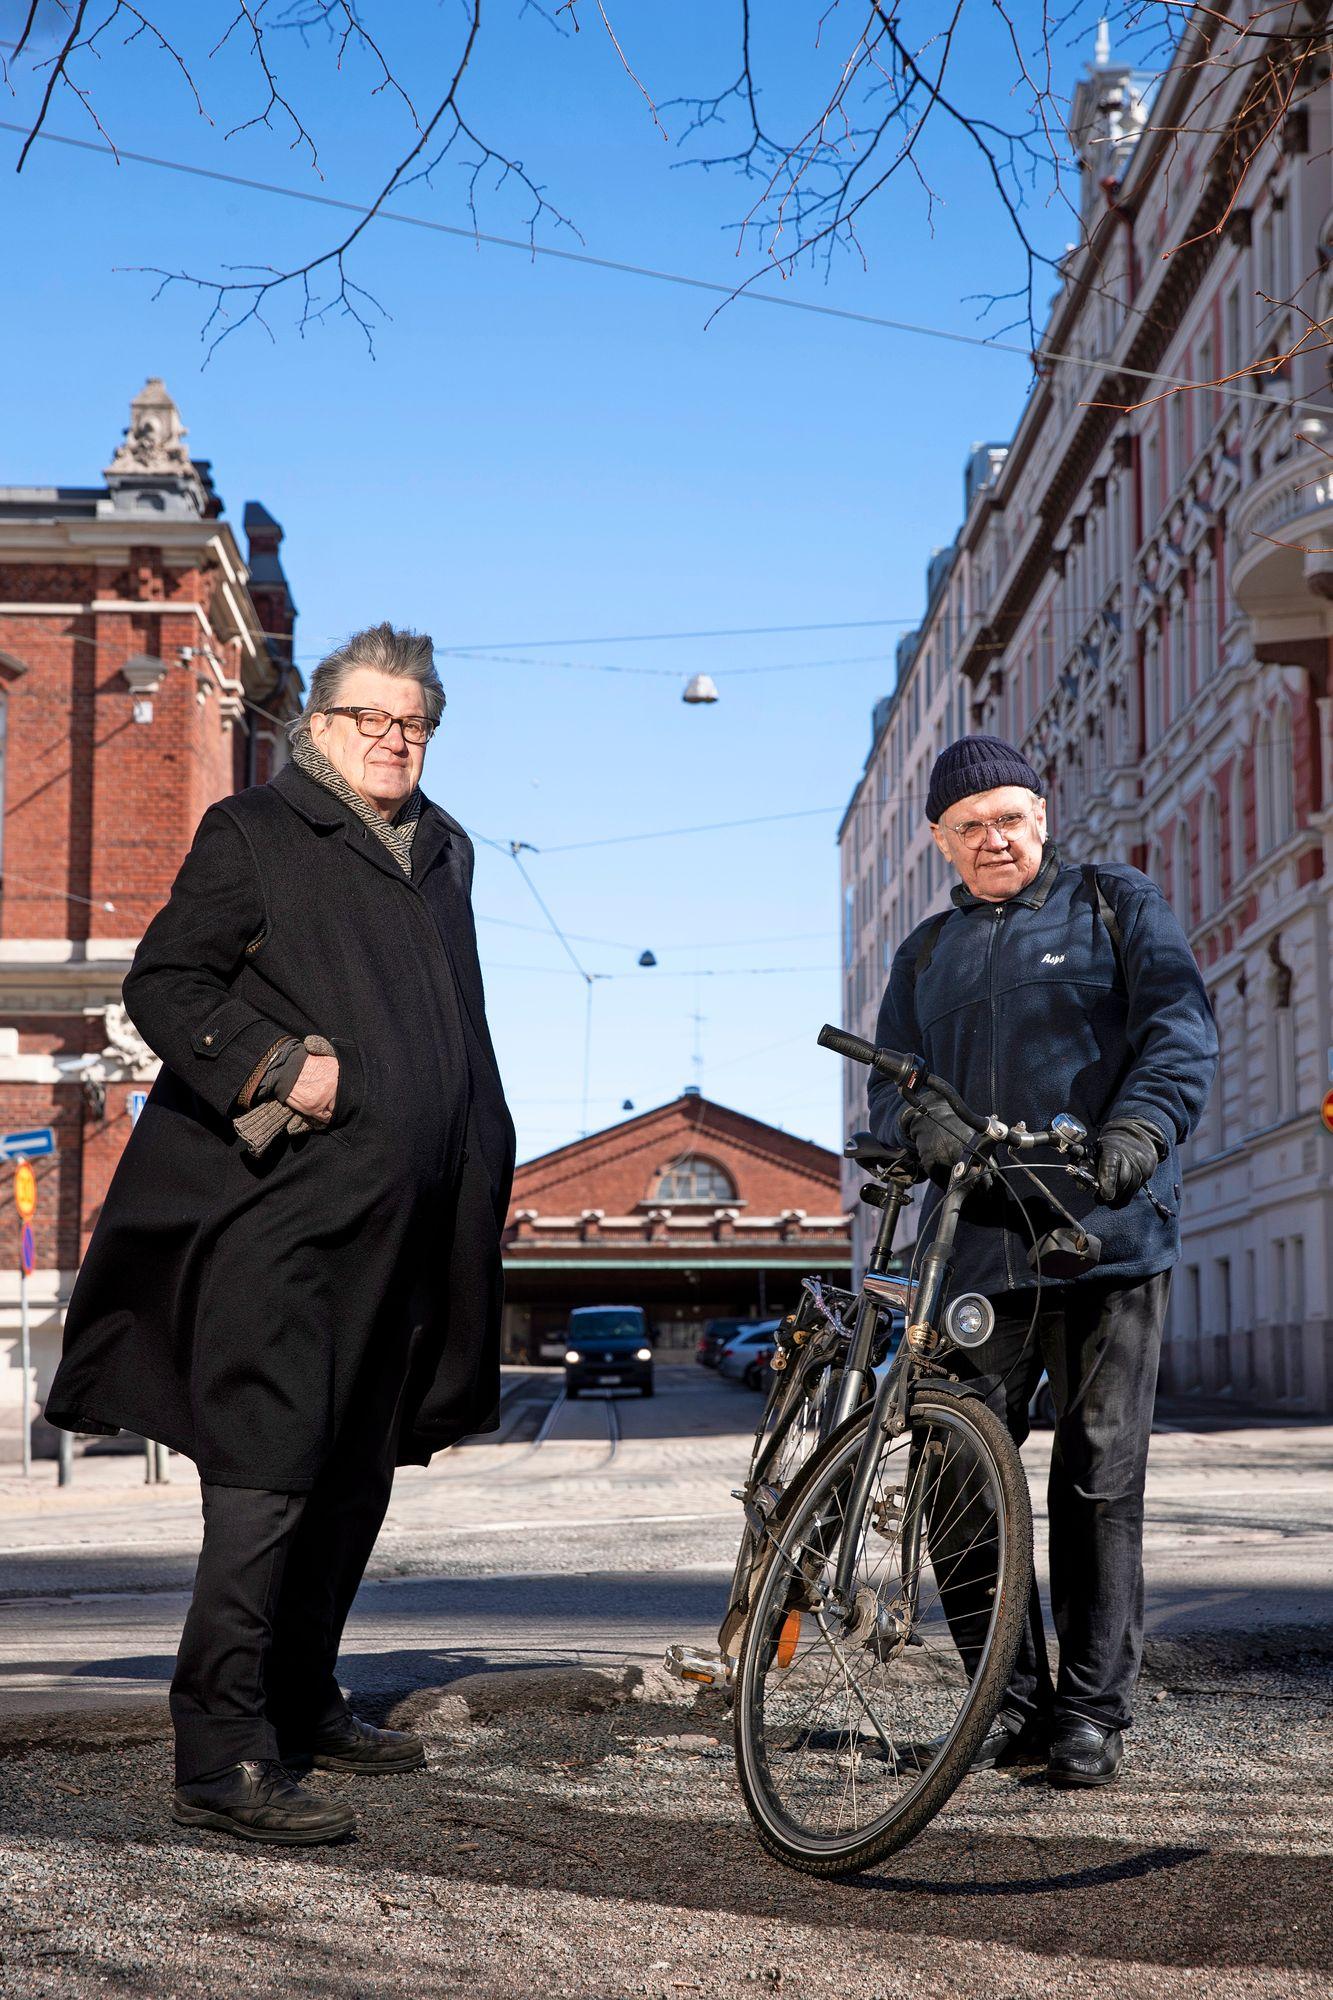 Vanhaa keskustaa rakastavat Vilhelm Helander ja Mikael Sundman eivät vastusta rakentamista, vaan lyhytnäköistä purkamis- ja tuhoamisvimmaa. © Tommi Tuomi